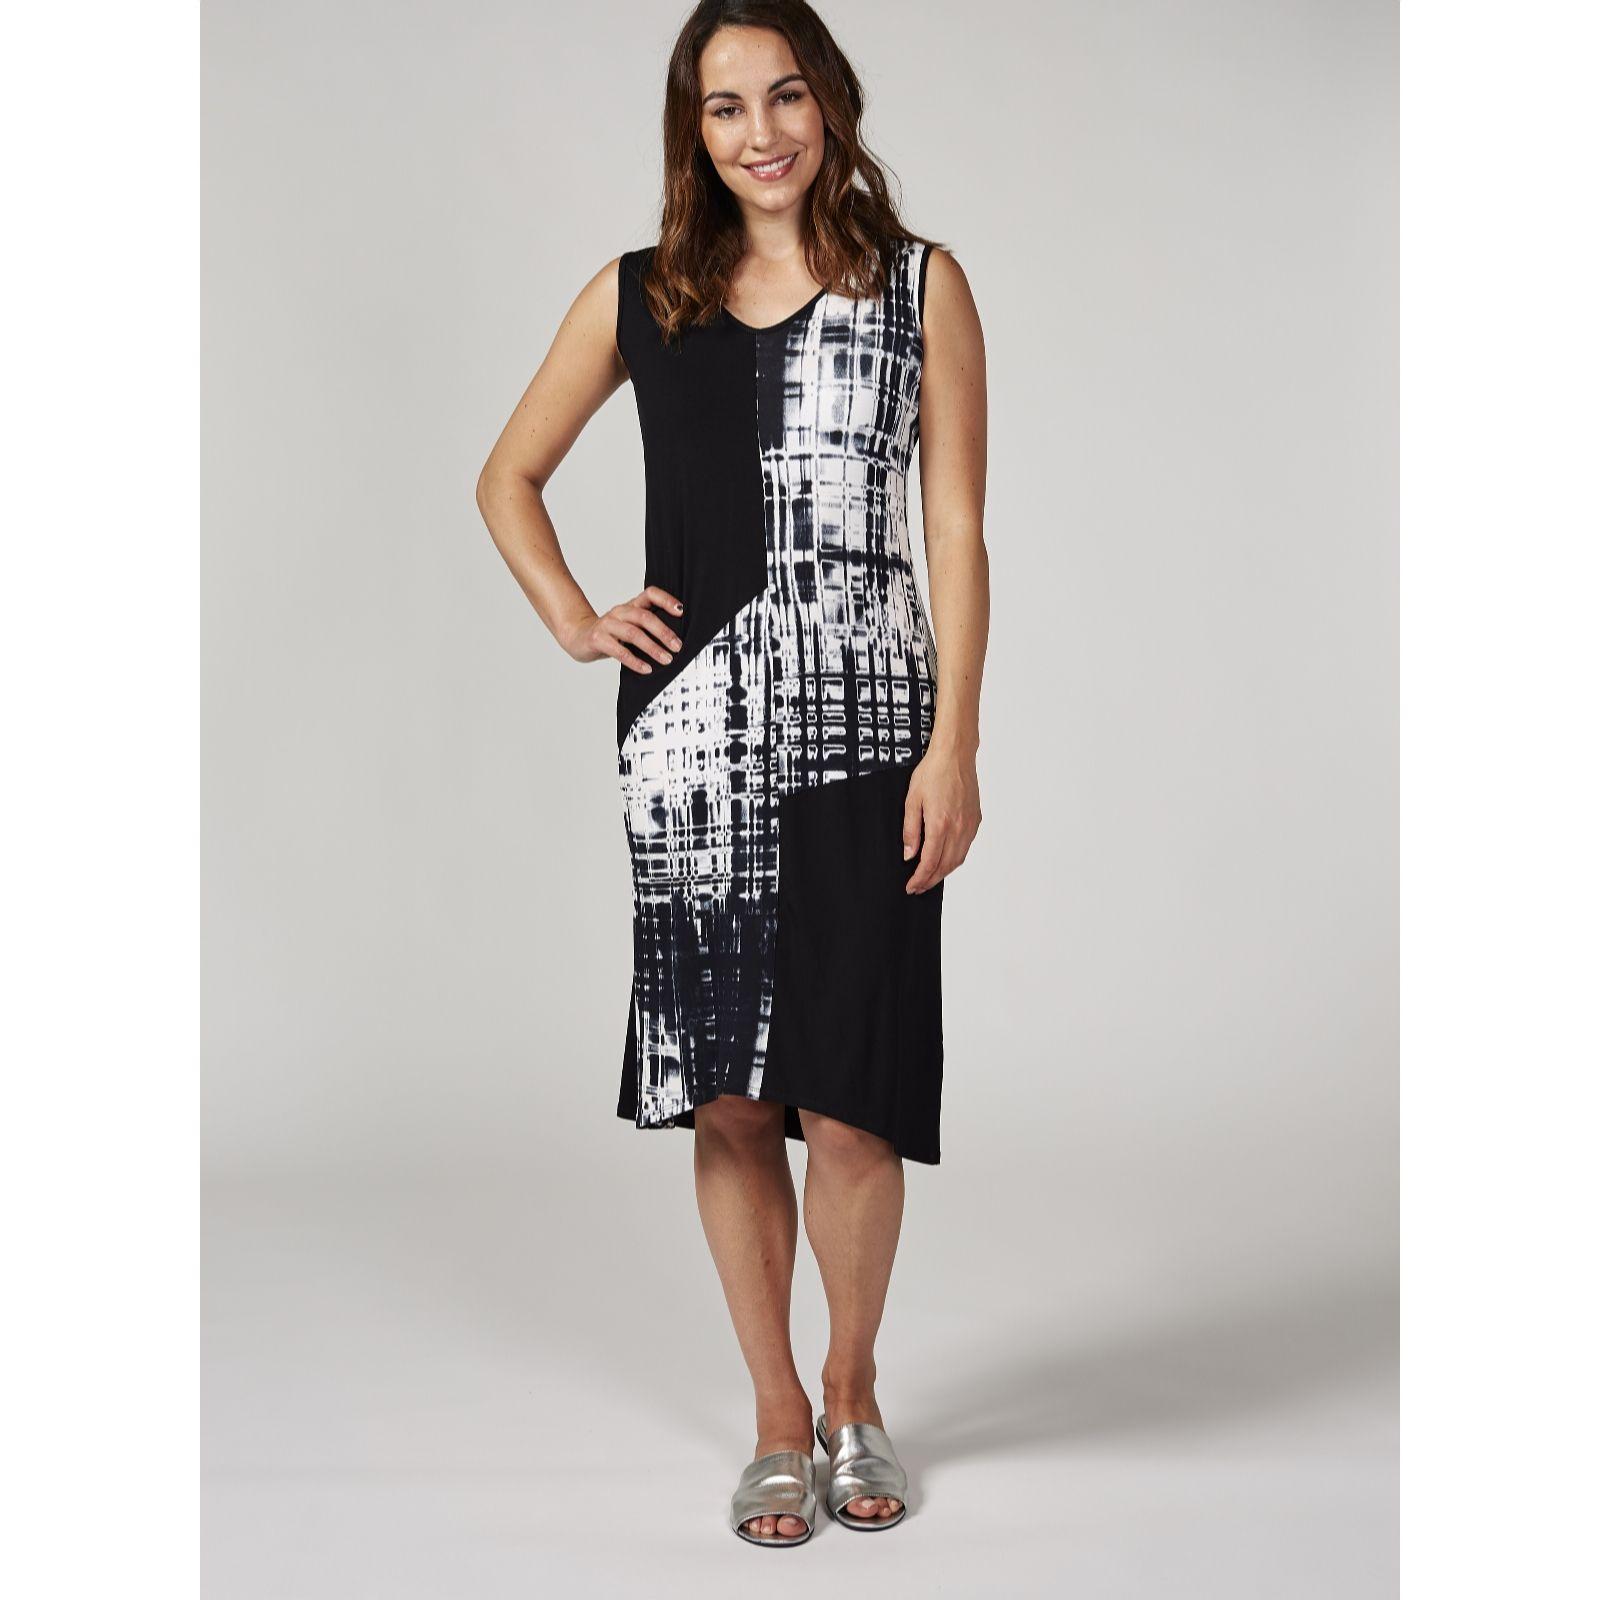 dbbf21aca2b Mr Max Drape Colour Block Dress - QVC UK